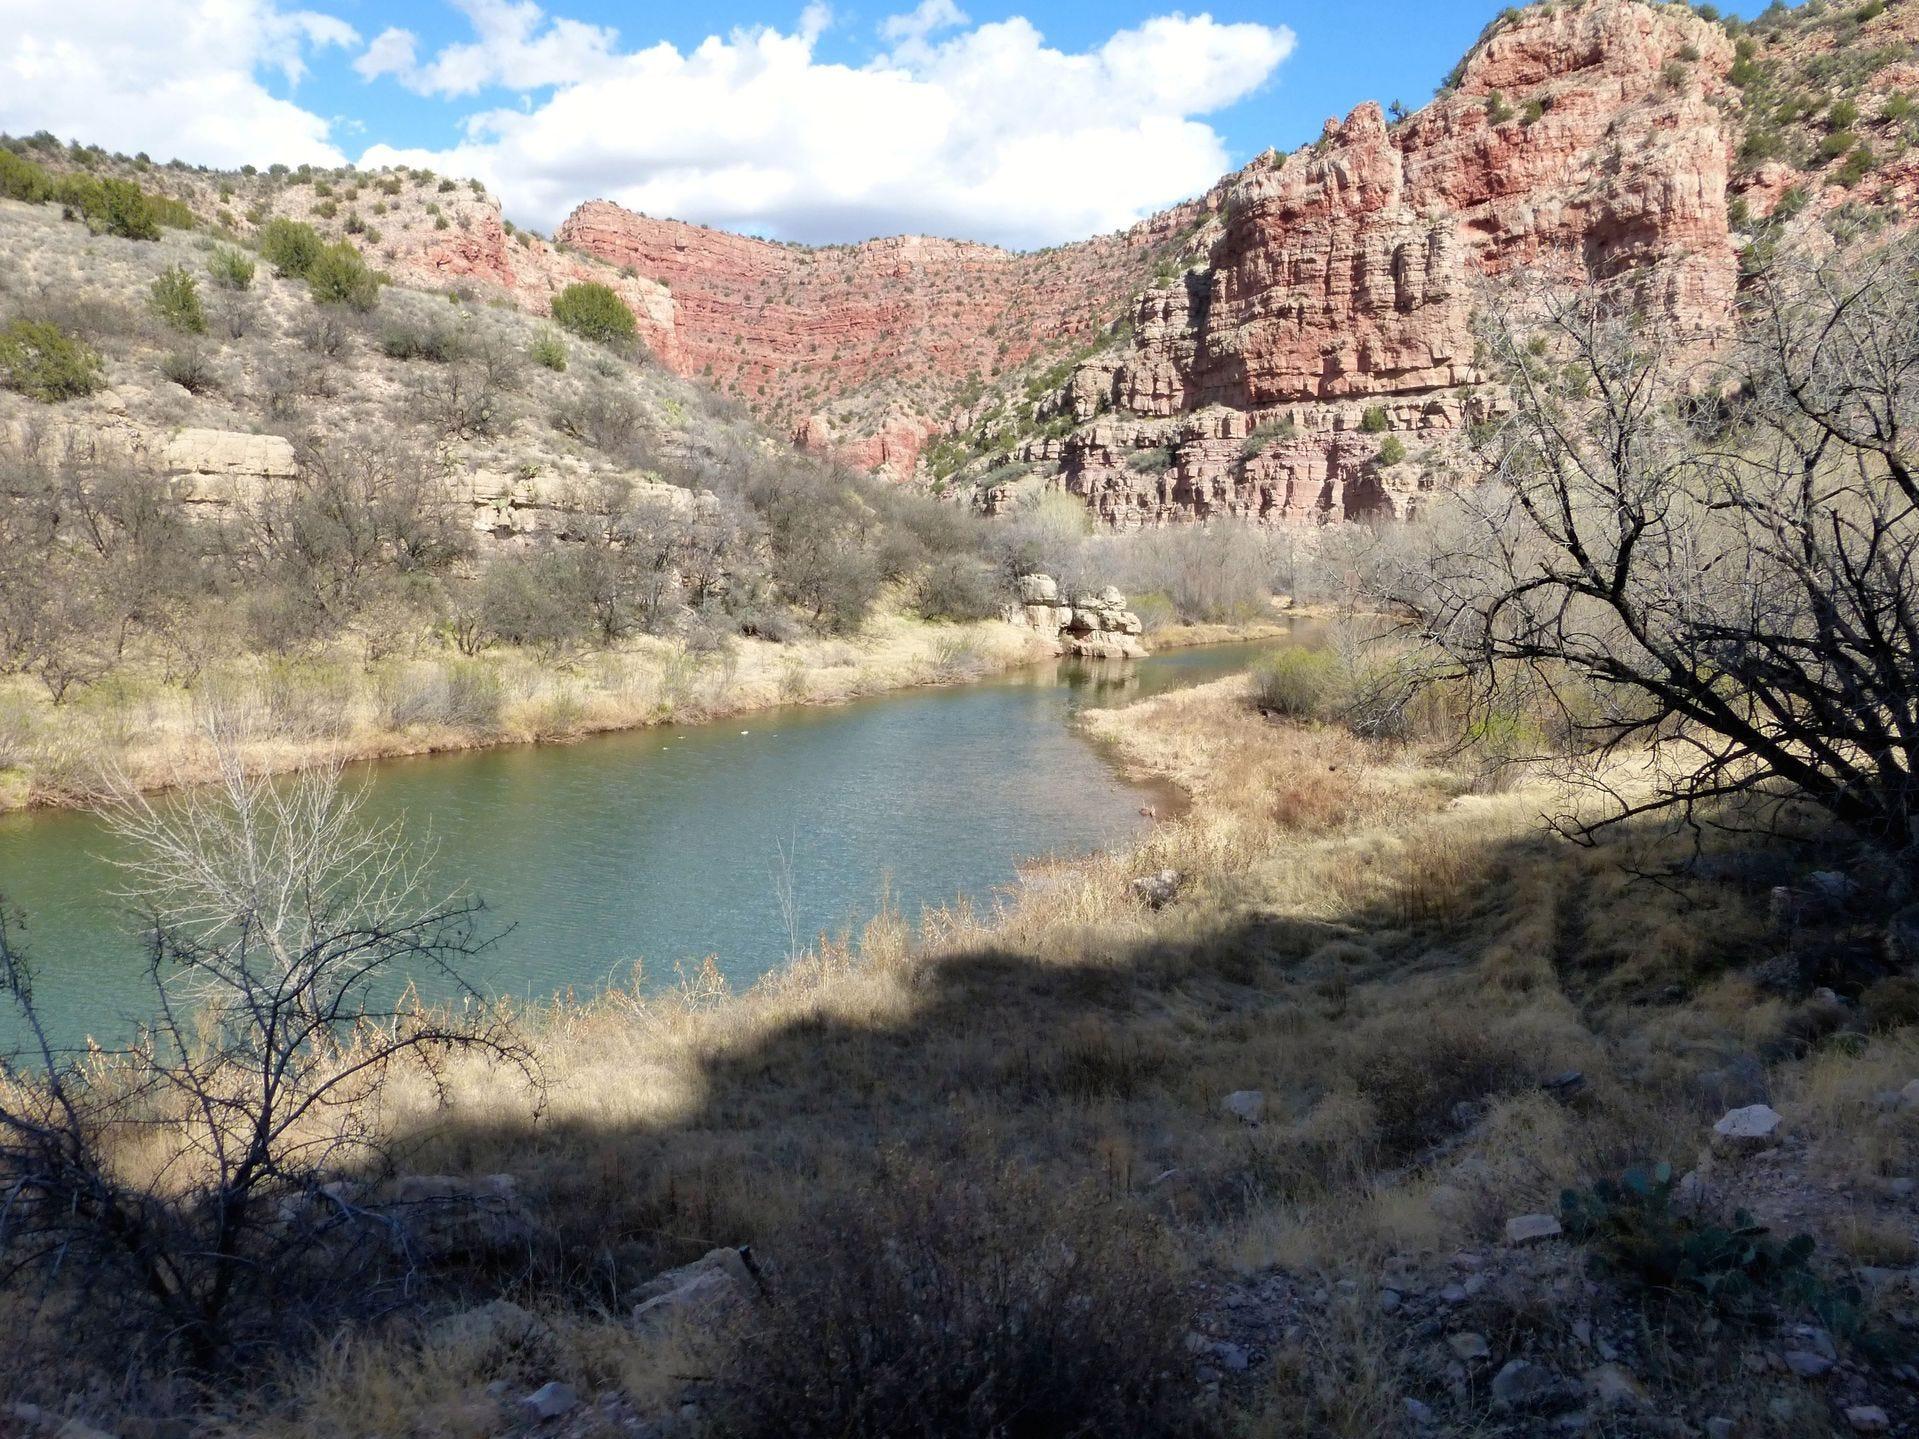 El río Verde fluye a través de un cañón de roca roja que ahora viaja en un tren de excursión.